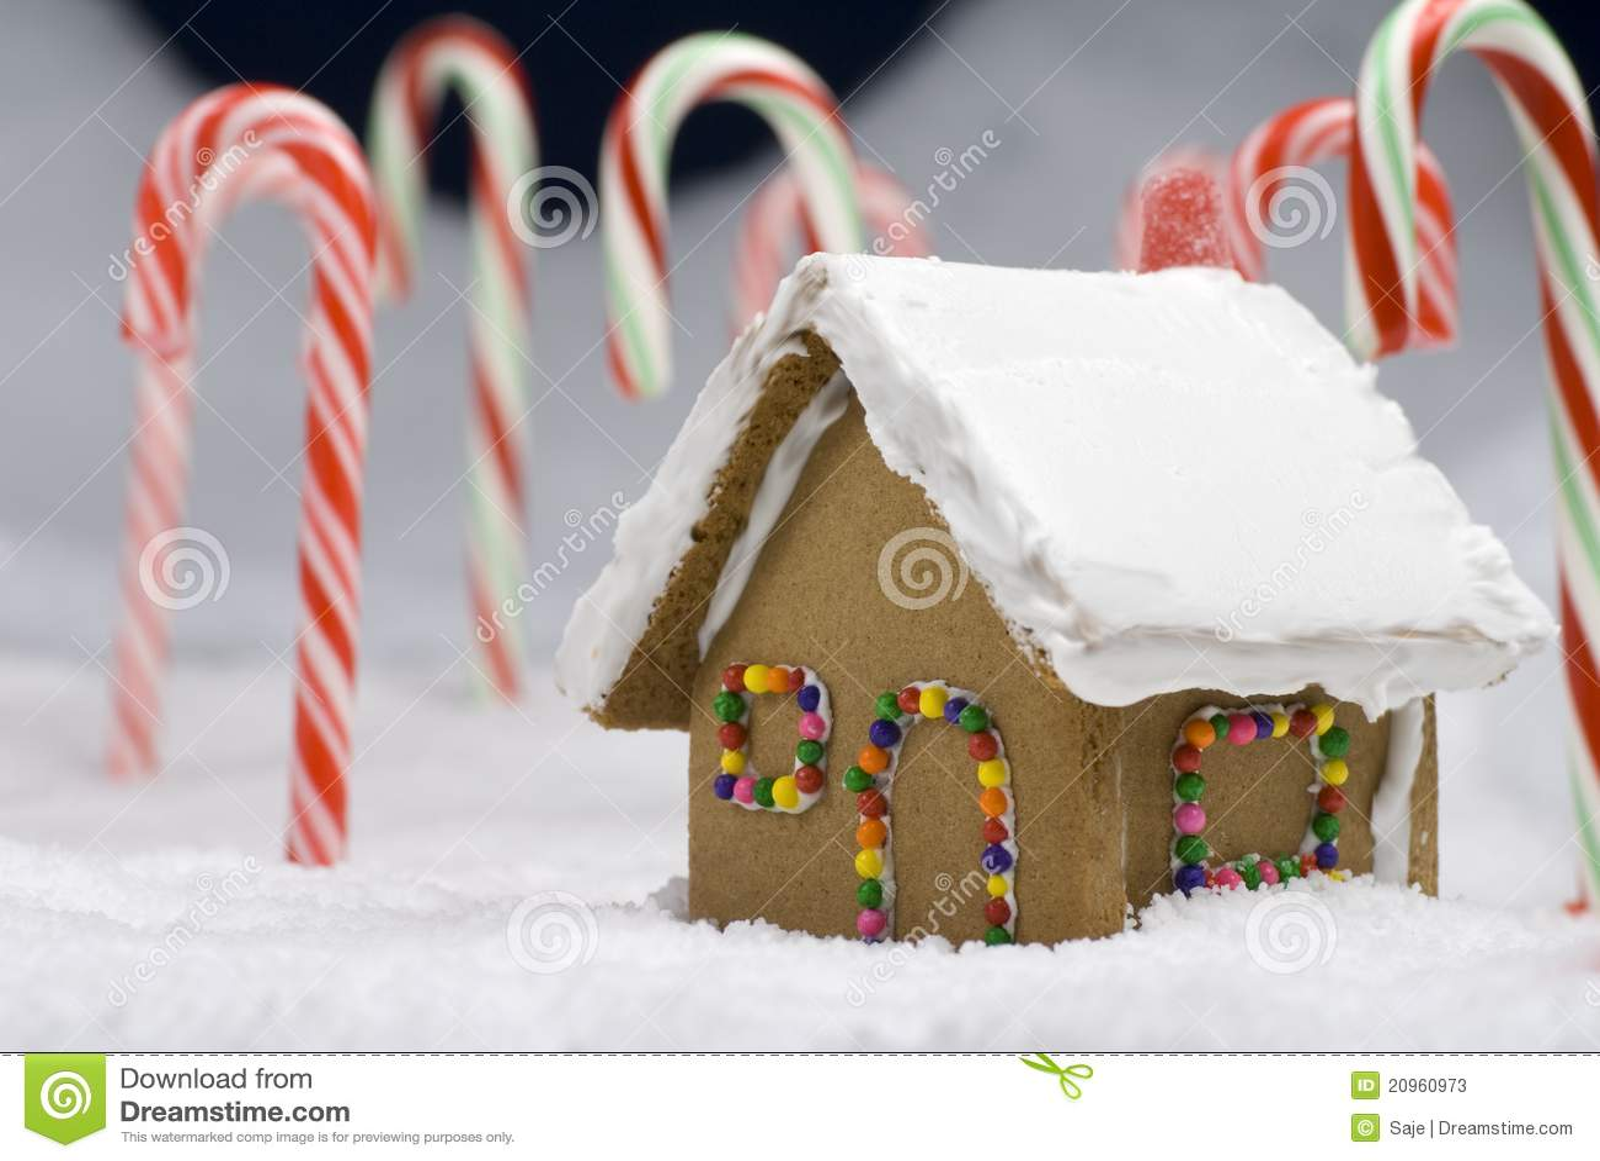 Weihnachtslebkuchen-Haus-Nahaufnahme